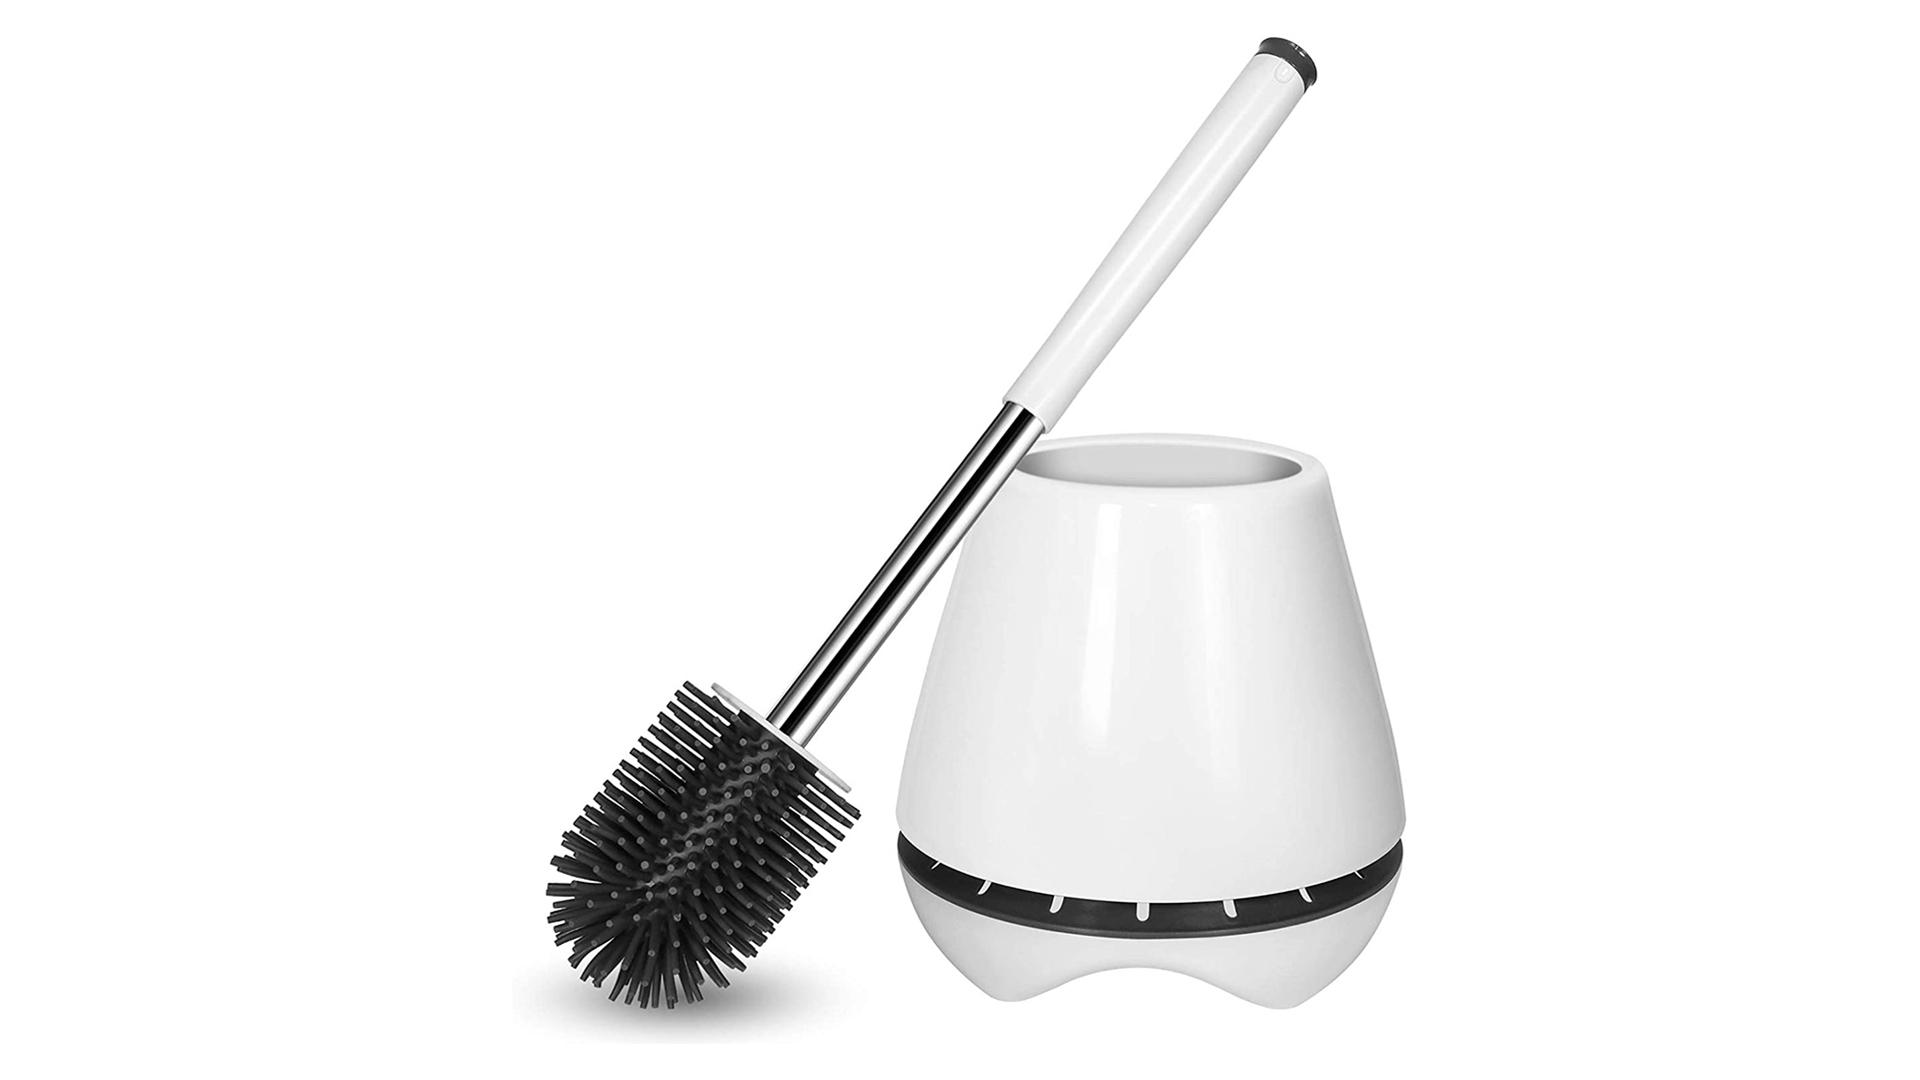 掘削の急速乾燥DHシリコーンを掘削することなく取り付けられたシリコーンのトイレのブラシとシリコーンの剛毛の便器の洗剤のホルダーの壁